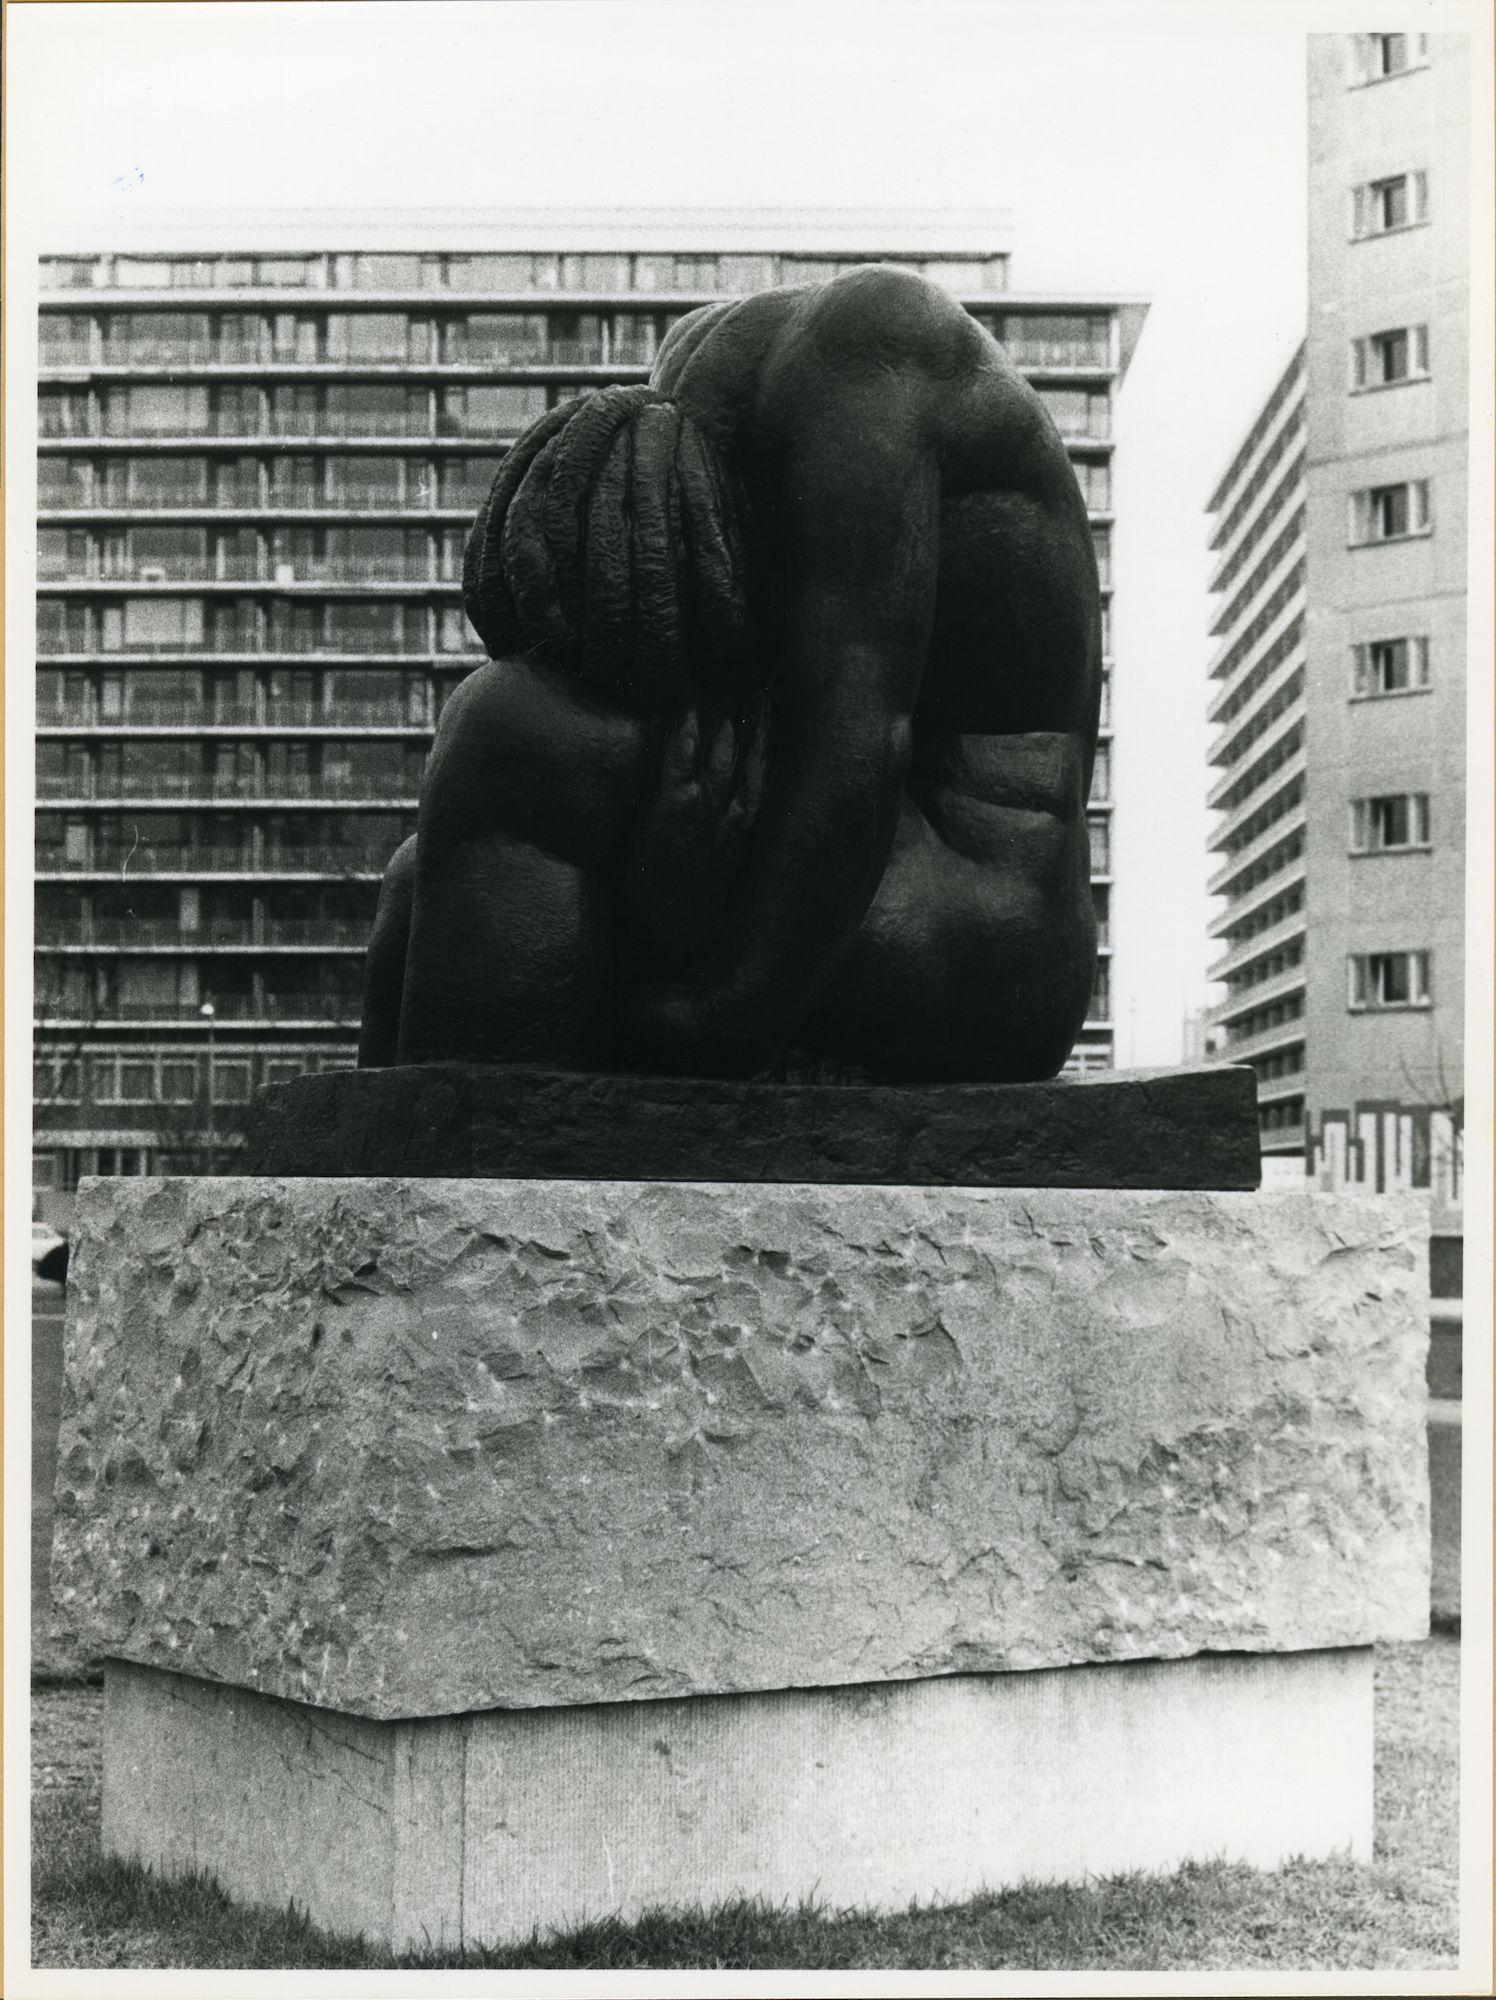 Gent: Verenigde Natieslaan: Standbeeld, 1979